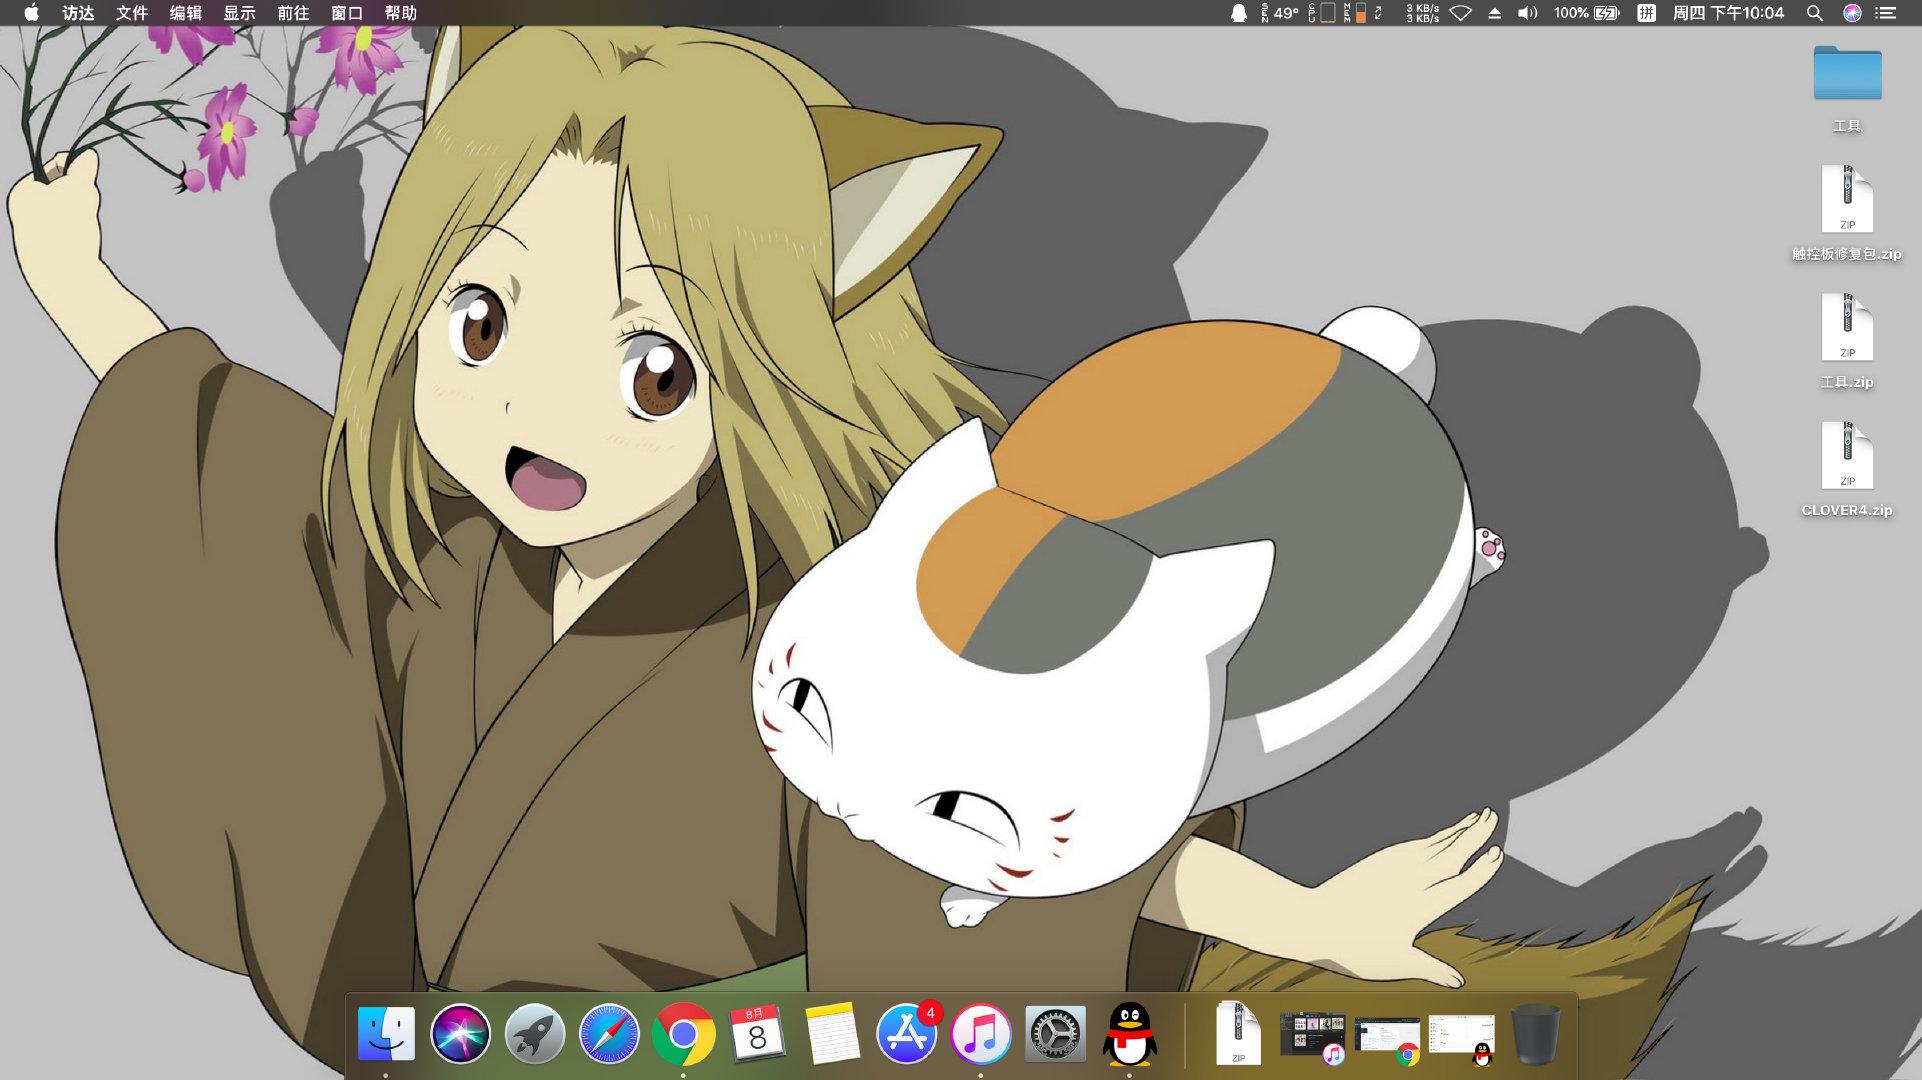 华硕FL5900U MAC 10.14.6 Clover3.0